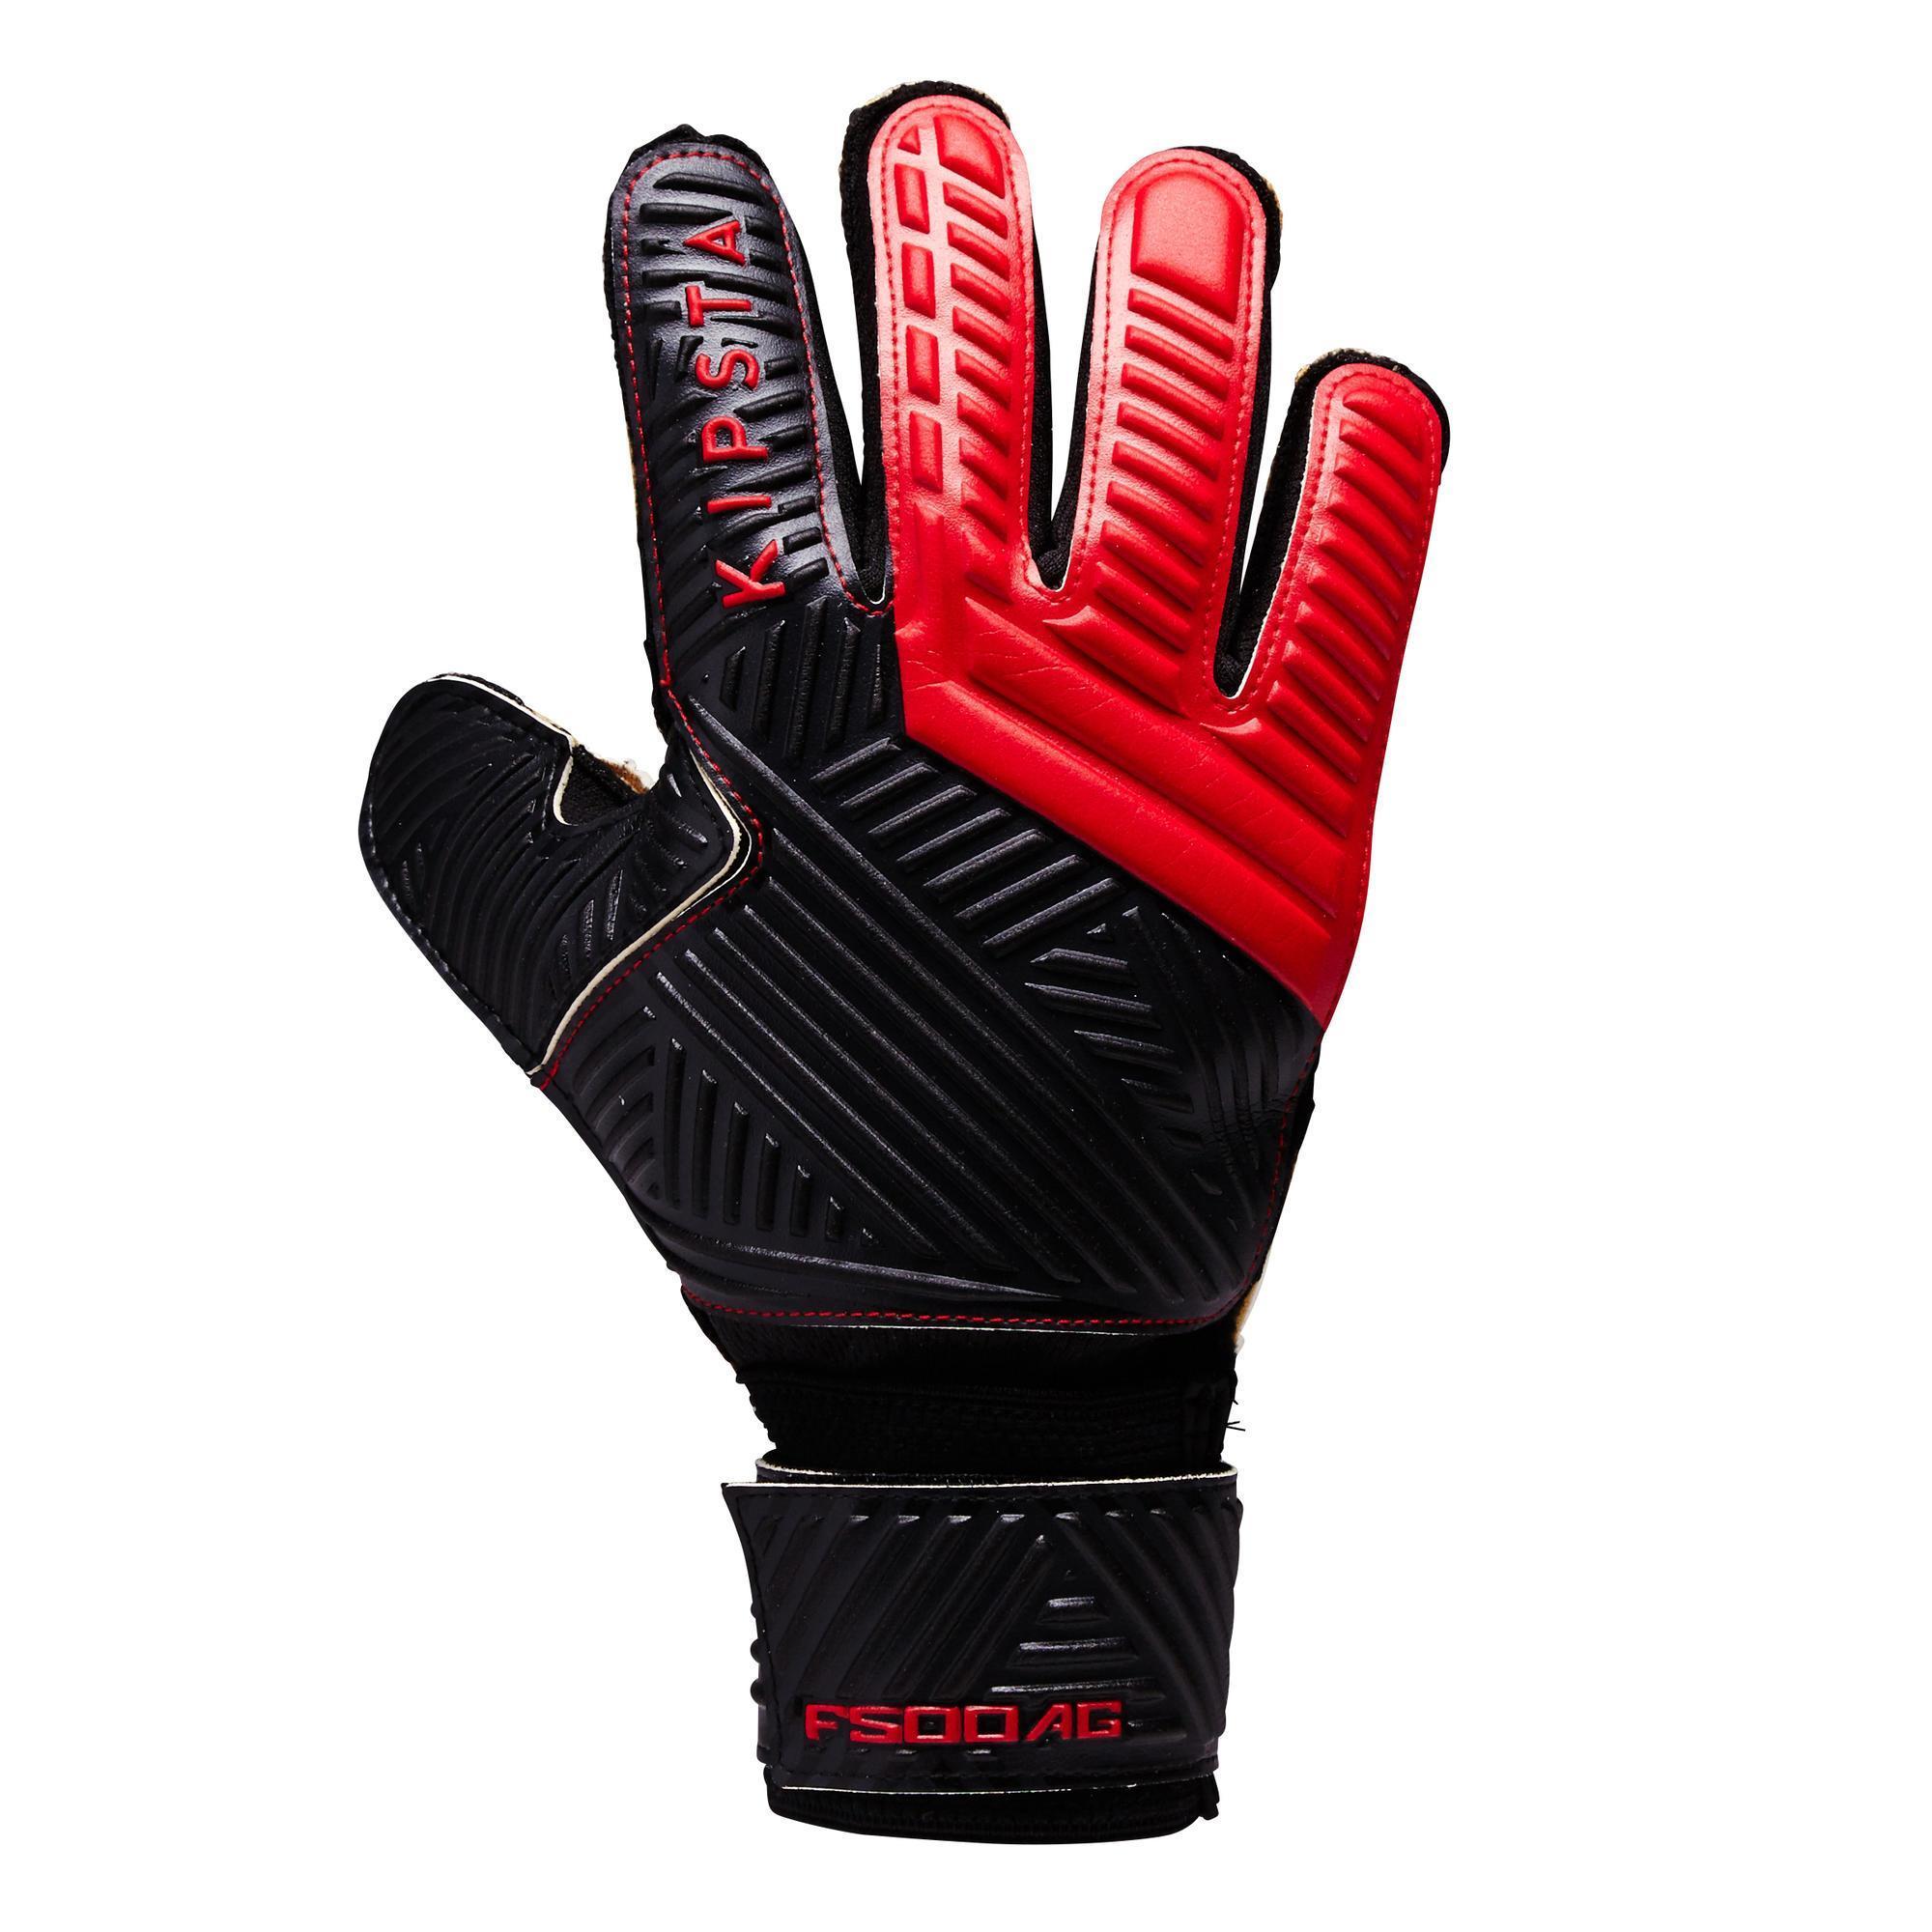 Kipsta Keepershandschoenen F500 kunstgras volwassenen rood zwart